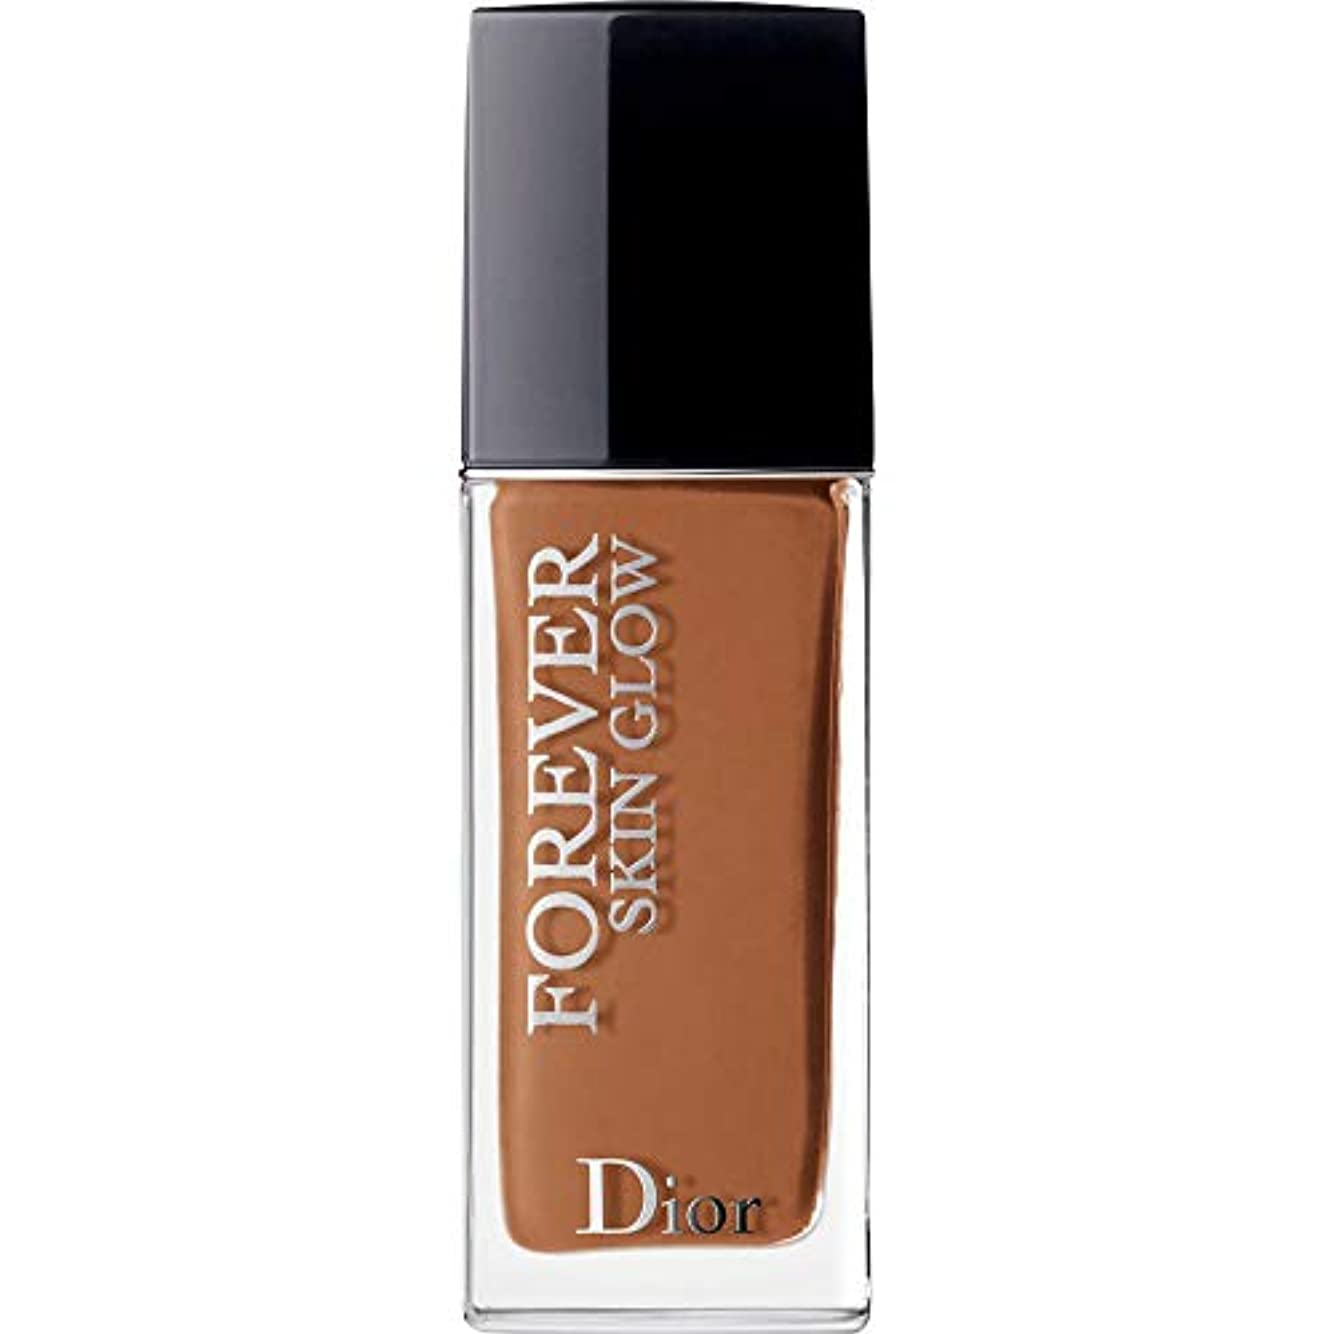 ブリリアント骨寛大さ[Dior ] ディオール永遠に皮膚グロー皮膚思いやりの基礎Spf35 30ミリリットルの6N - ニュートラル(肌の輝き) - DIOR Forever Skin Glow Skin-Caring Foundation...